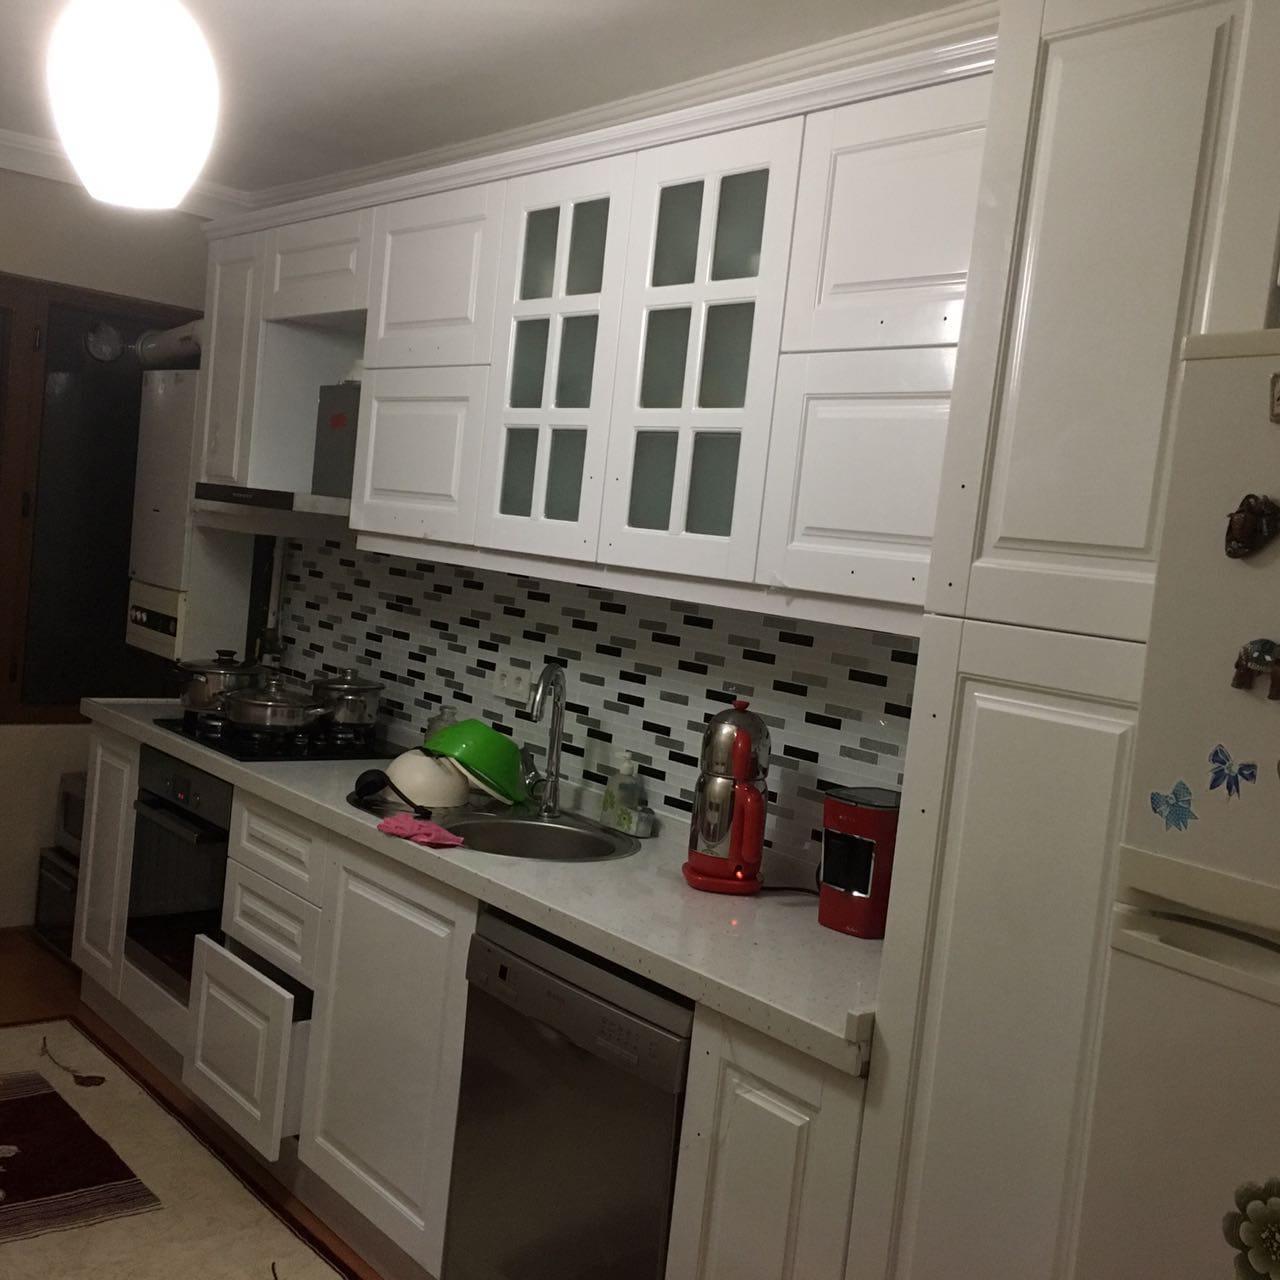 Mutfak İmalatı, mutfak imalatçıları, mutfak üreticileri, mutfak dolapçıları, mutfak dolabı imalatı, mutfak dolabı üretimi